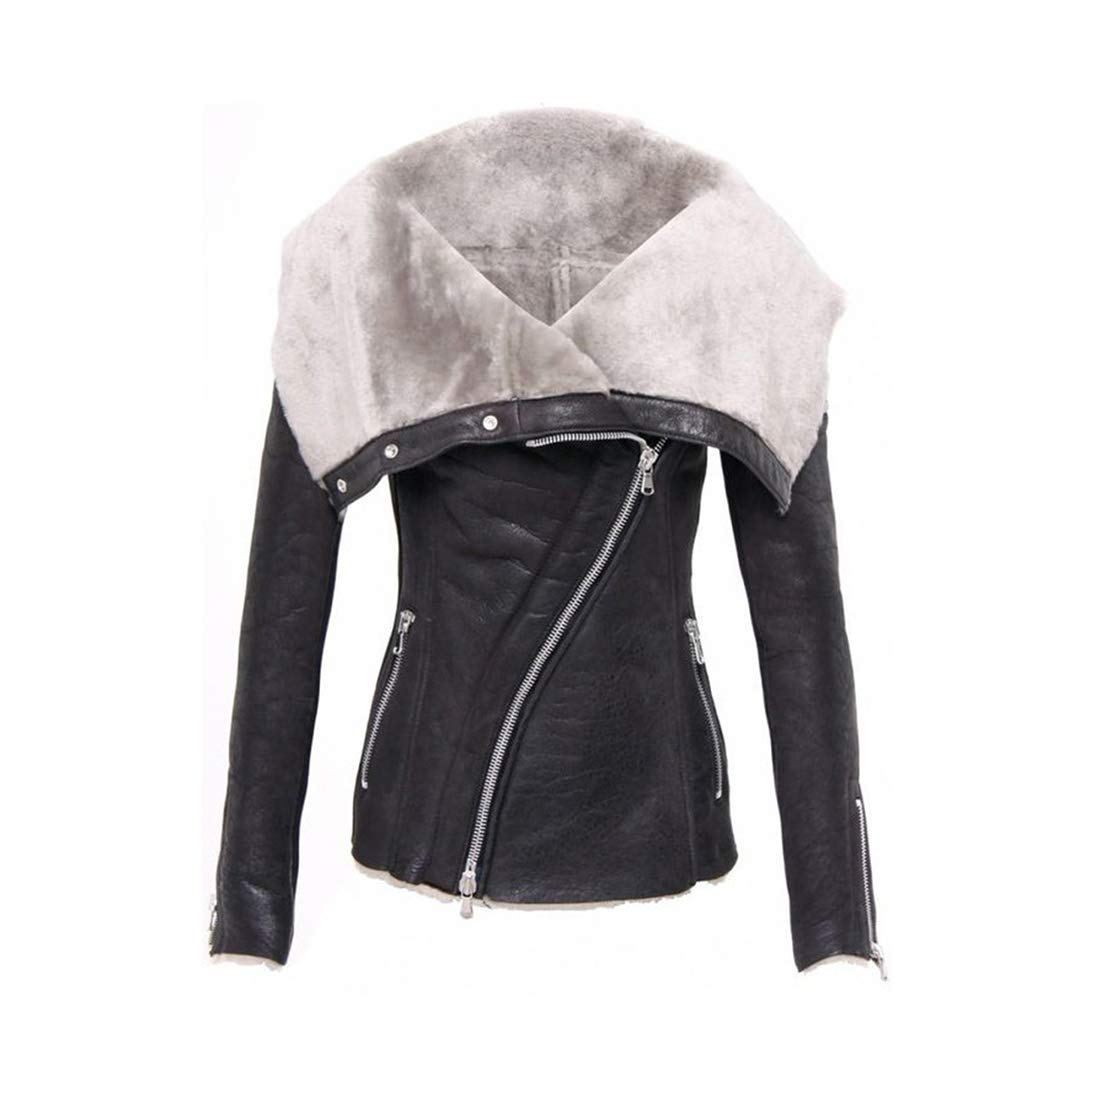 Black Zhhmeiruian Women Leather Asymmetry Suede Moto Biker Jacket  Zip Waterproof Coat